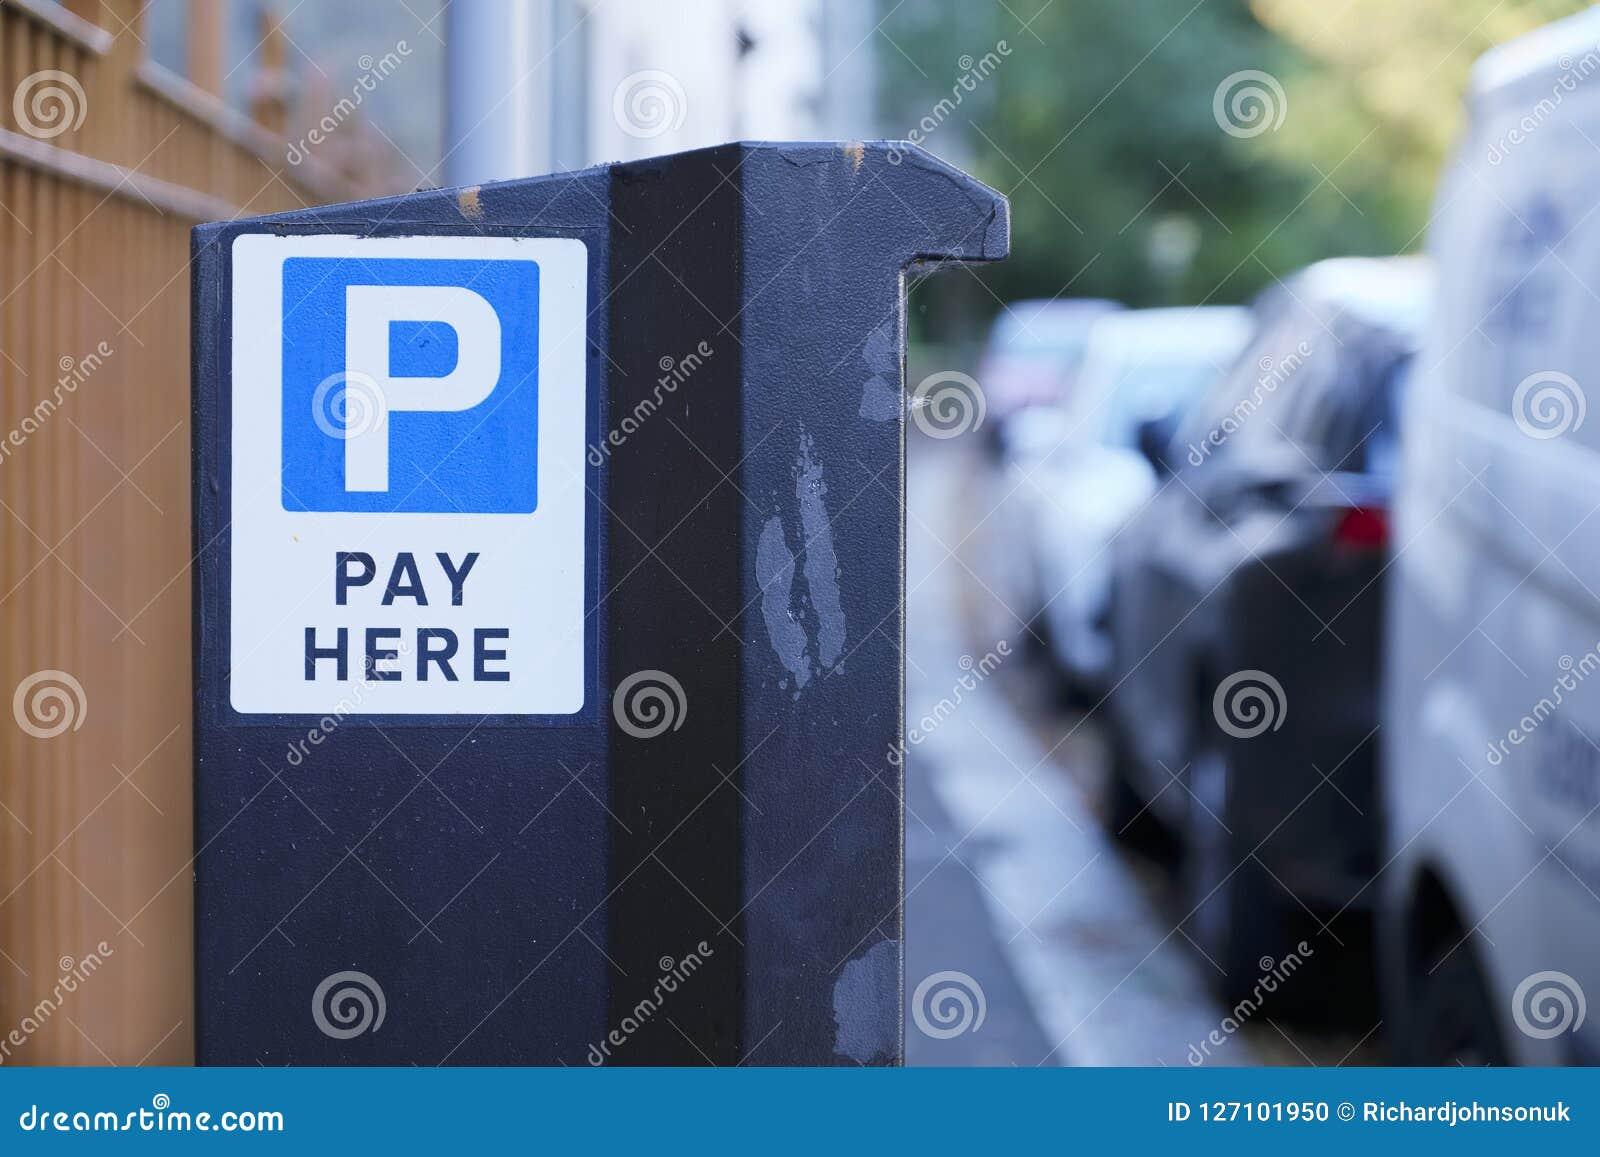 Πληρώστε εδώ τη μηχανή χώρων στάθμευσης αυτοκινήτων στην οδό και τη σειρά των οχημάτων έξω από τα σπίτια